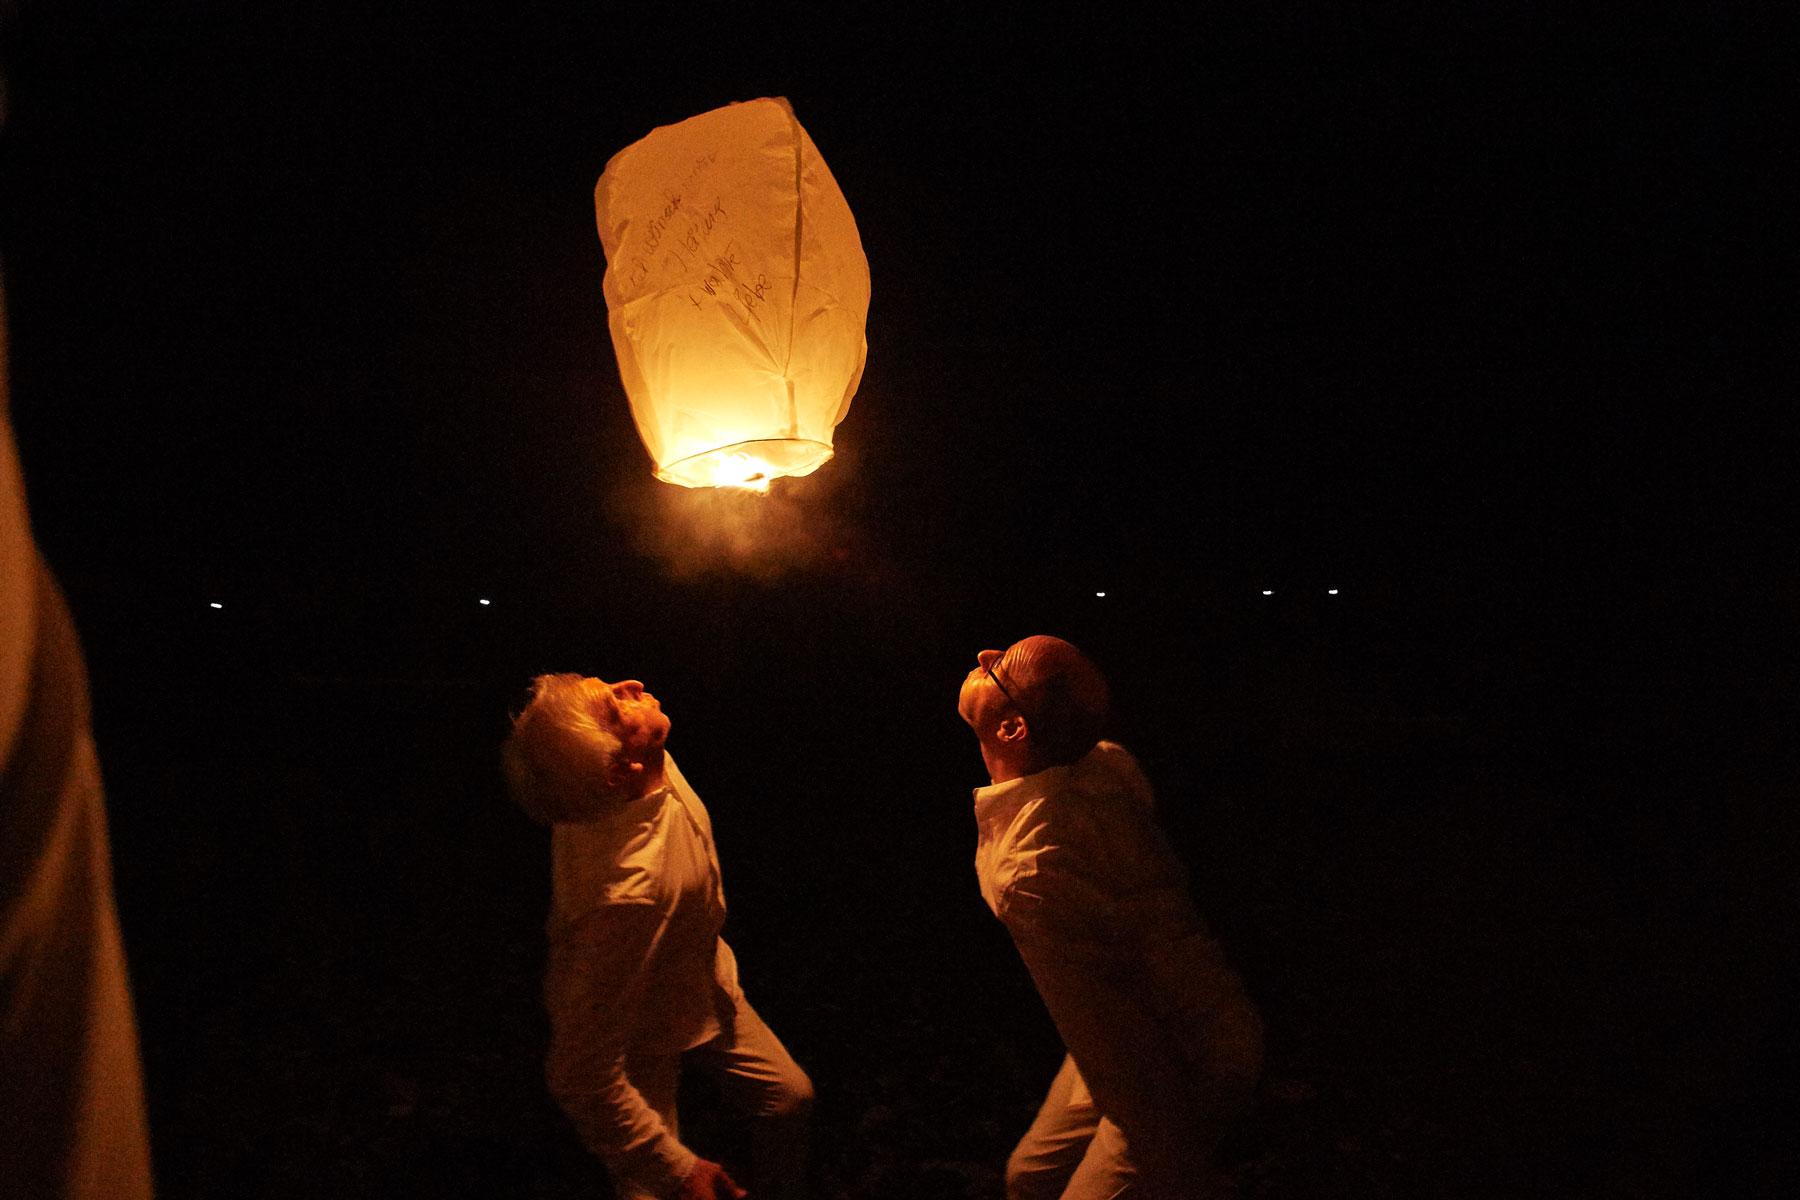 Nächtliches Foto zweier Männer, die einen Papierballon von unten anpusten